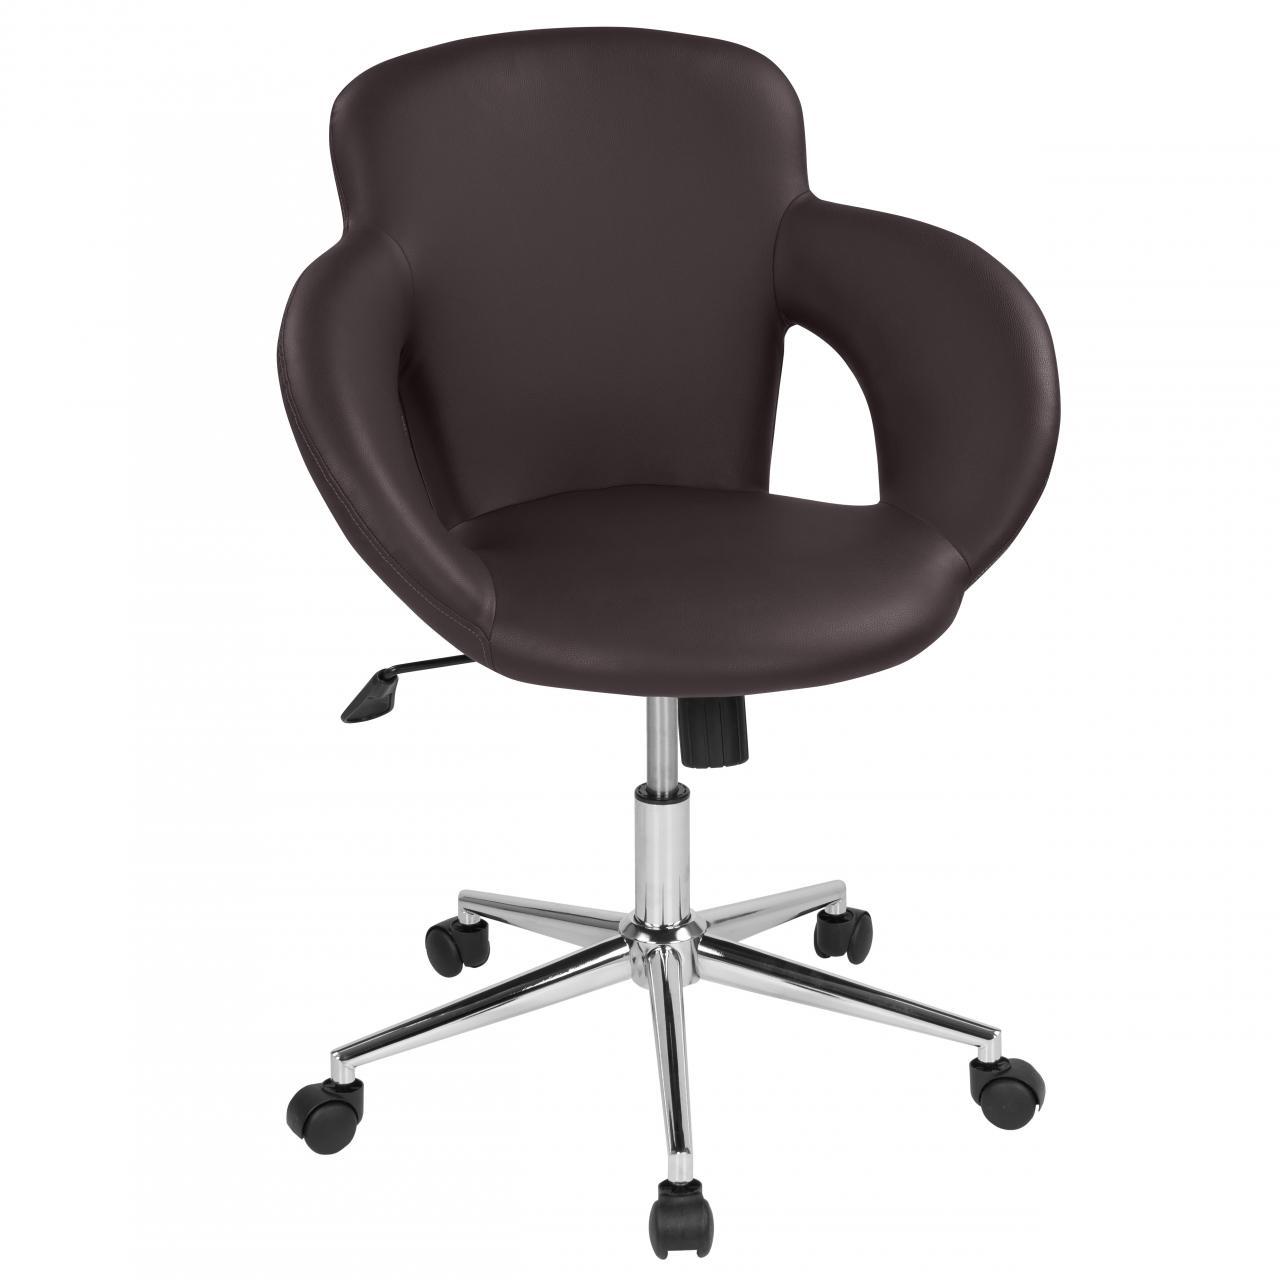 Drehstuhl-mit-Design-Drehkreuz-Buerostuhl-Schreibtischstuhl-Rollhocker-Drehhocker